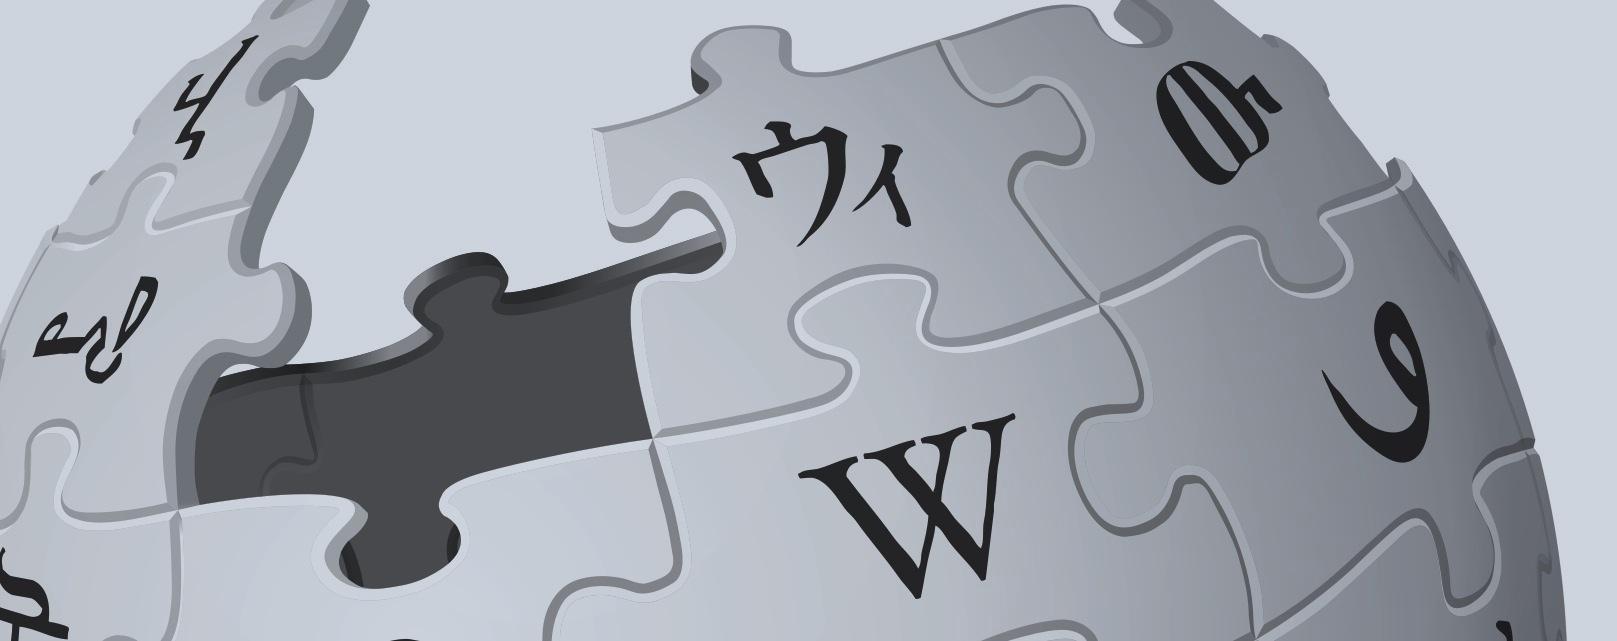 Everipedia ma być Wikipedią na blockchainie, której nie można wyłączyć